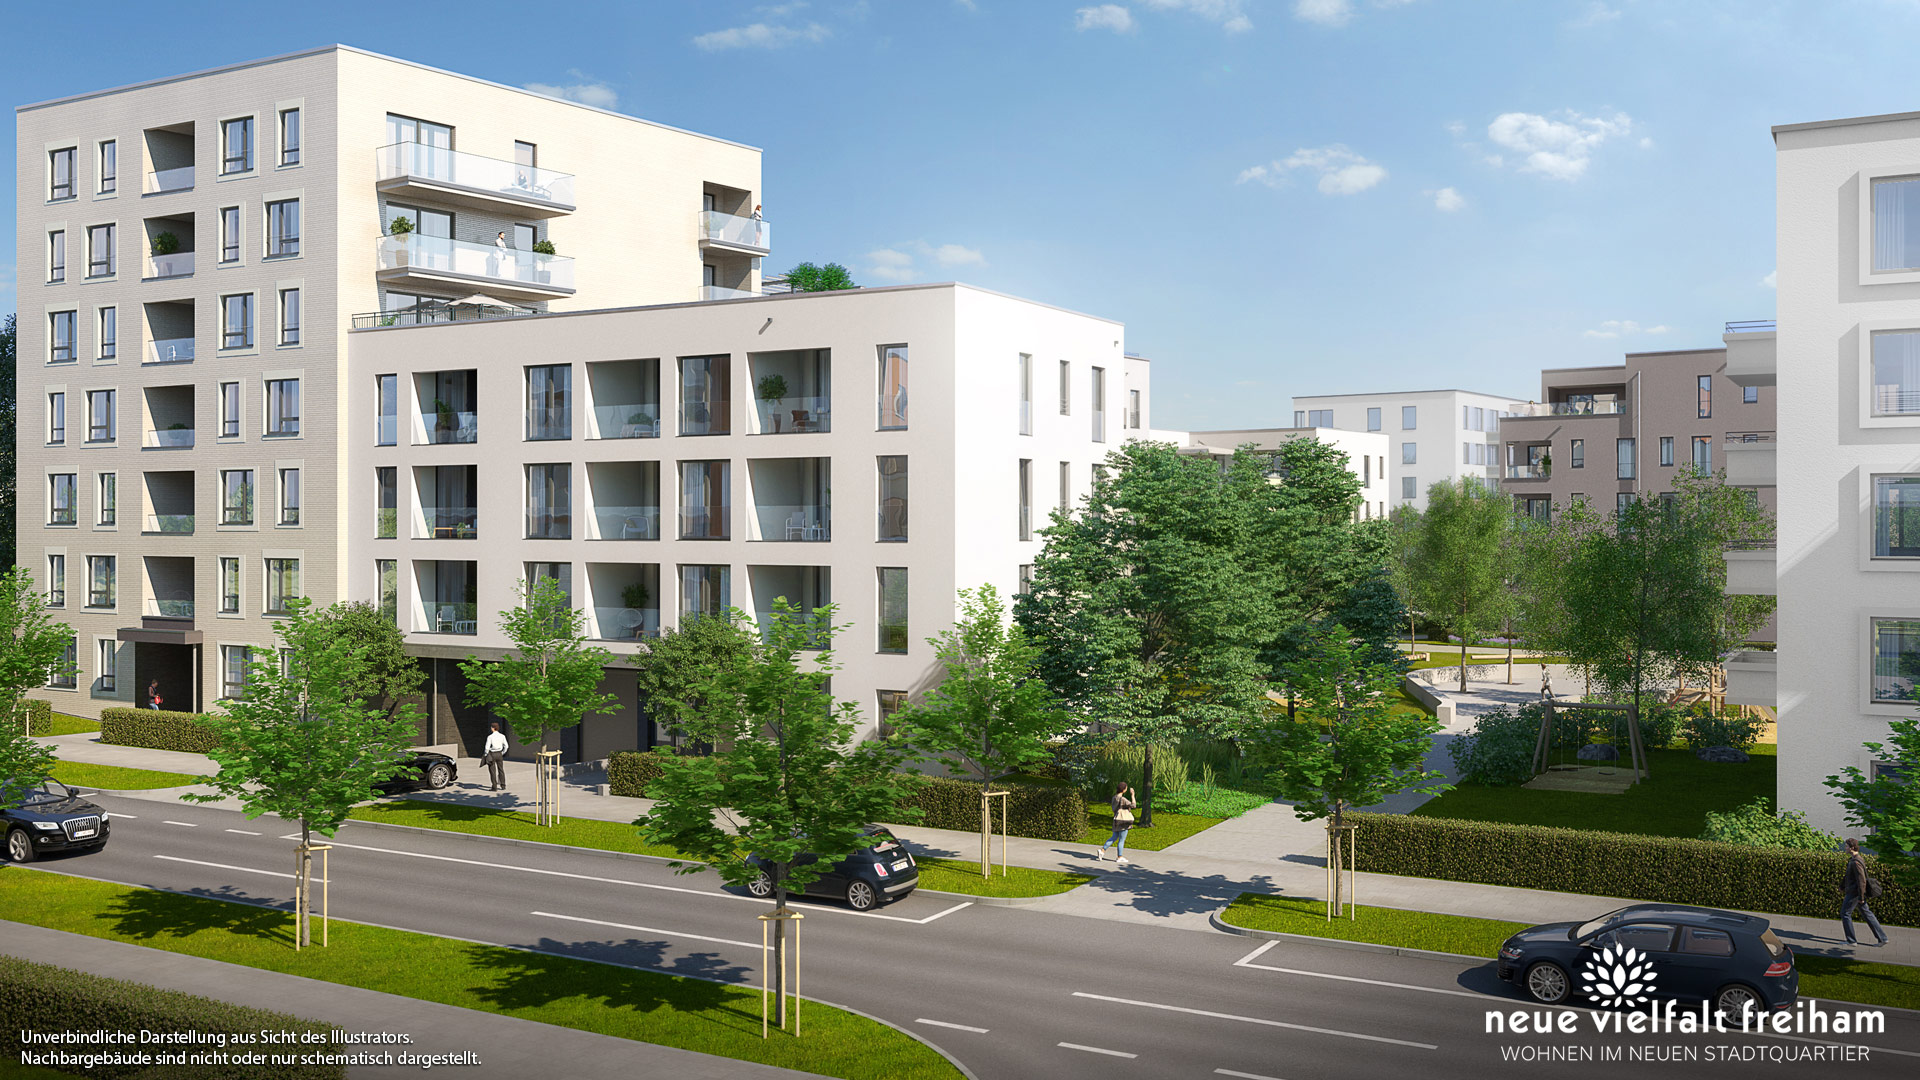 Immobilie Neue Vielfalt Freiham - Illustration 2